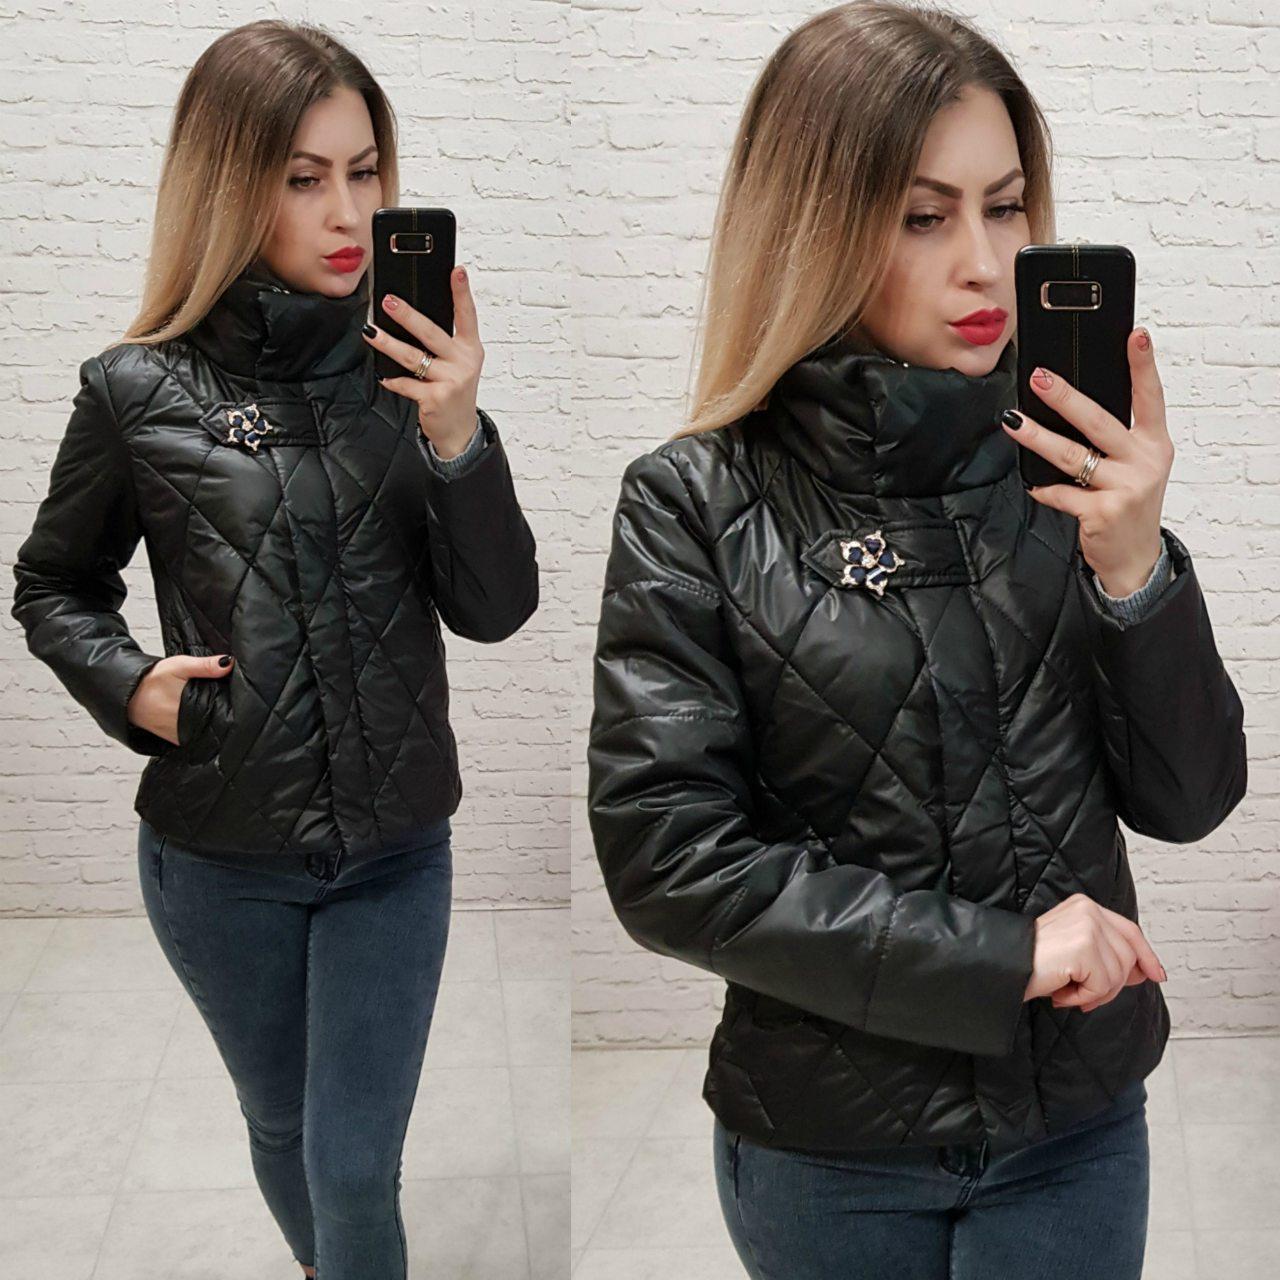 Демисезонная куртка 2019 ,арт. 502, цвет черный